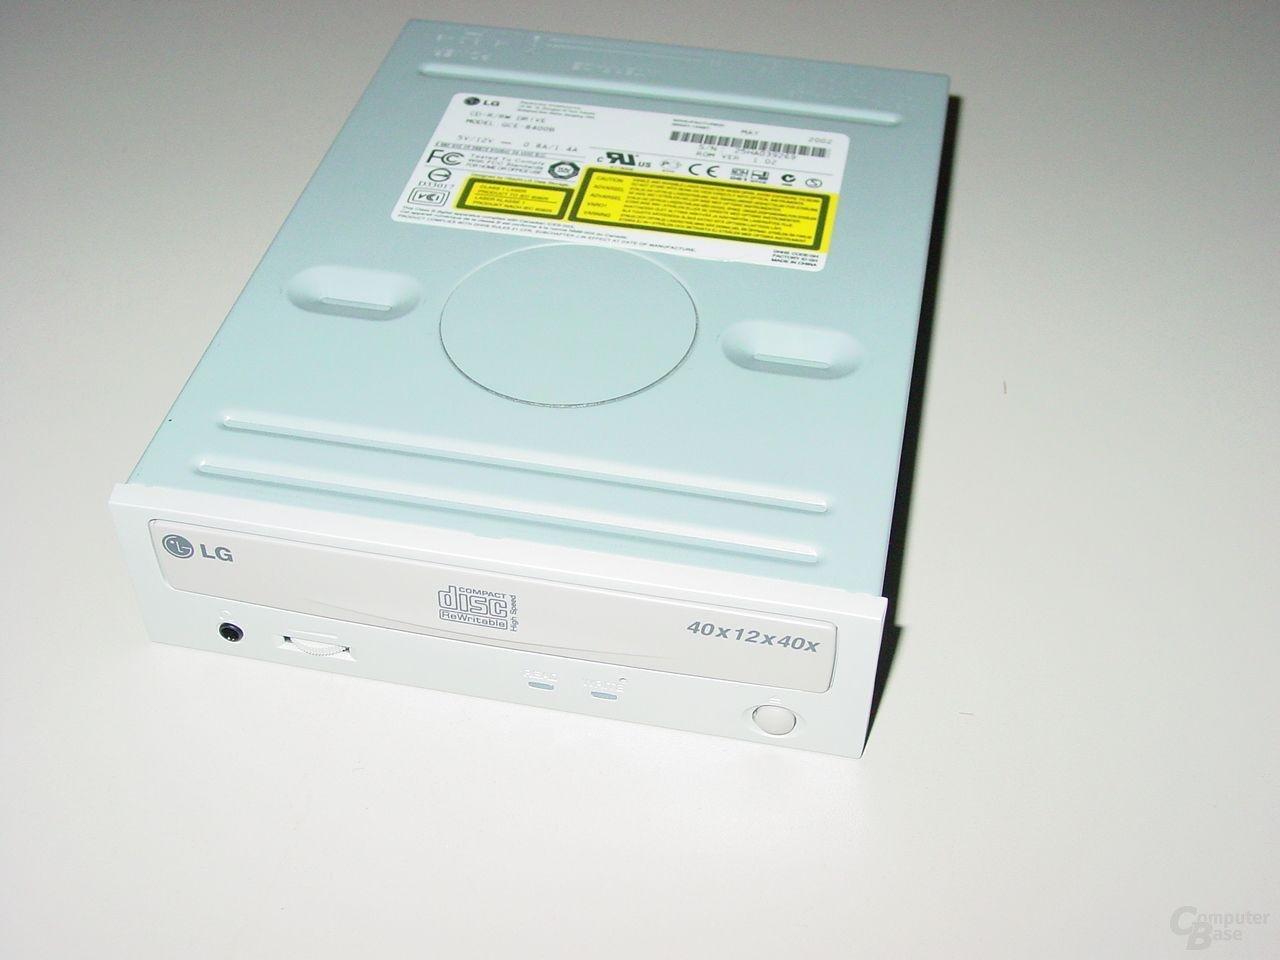 Draufsicht LG GCE-8400B